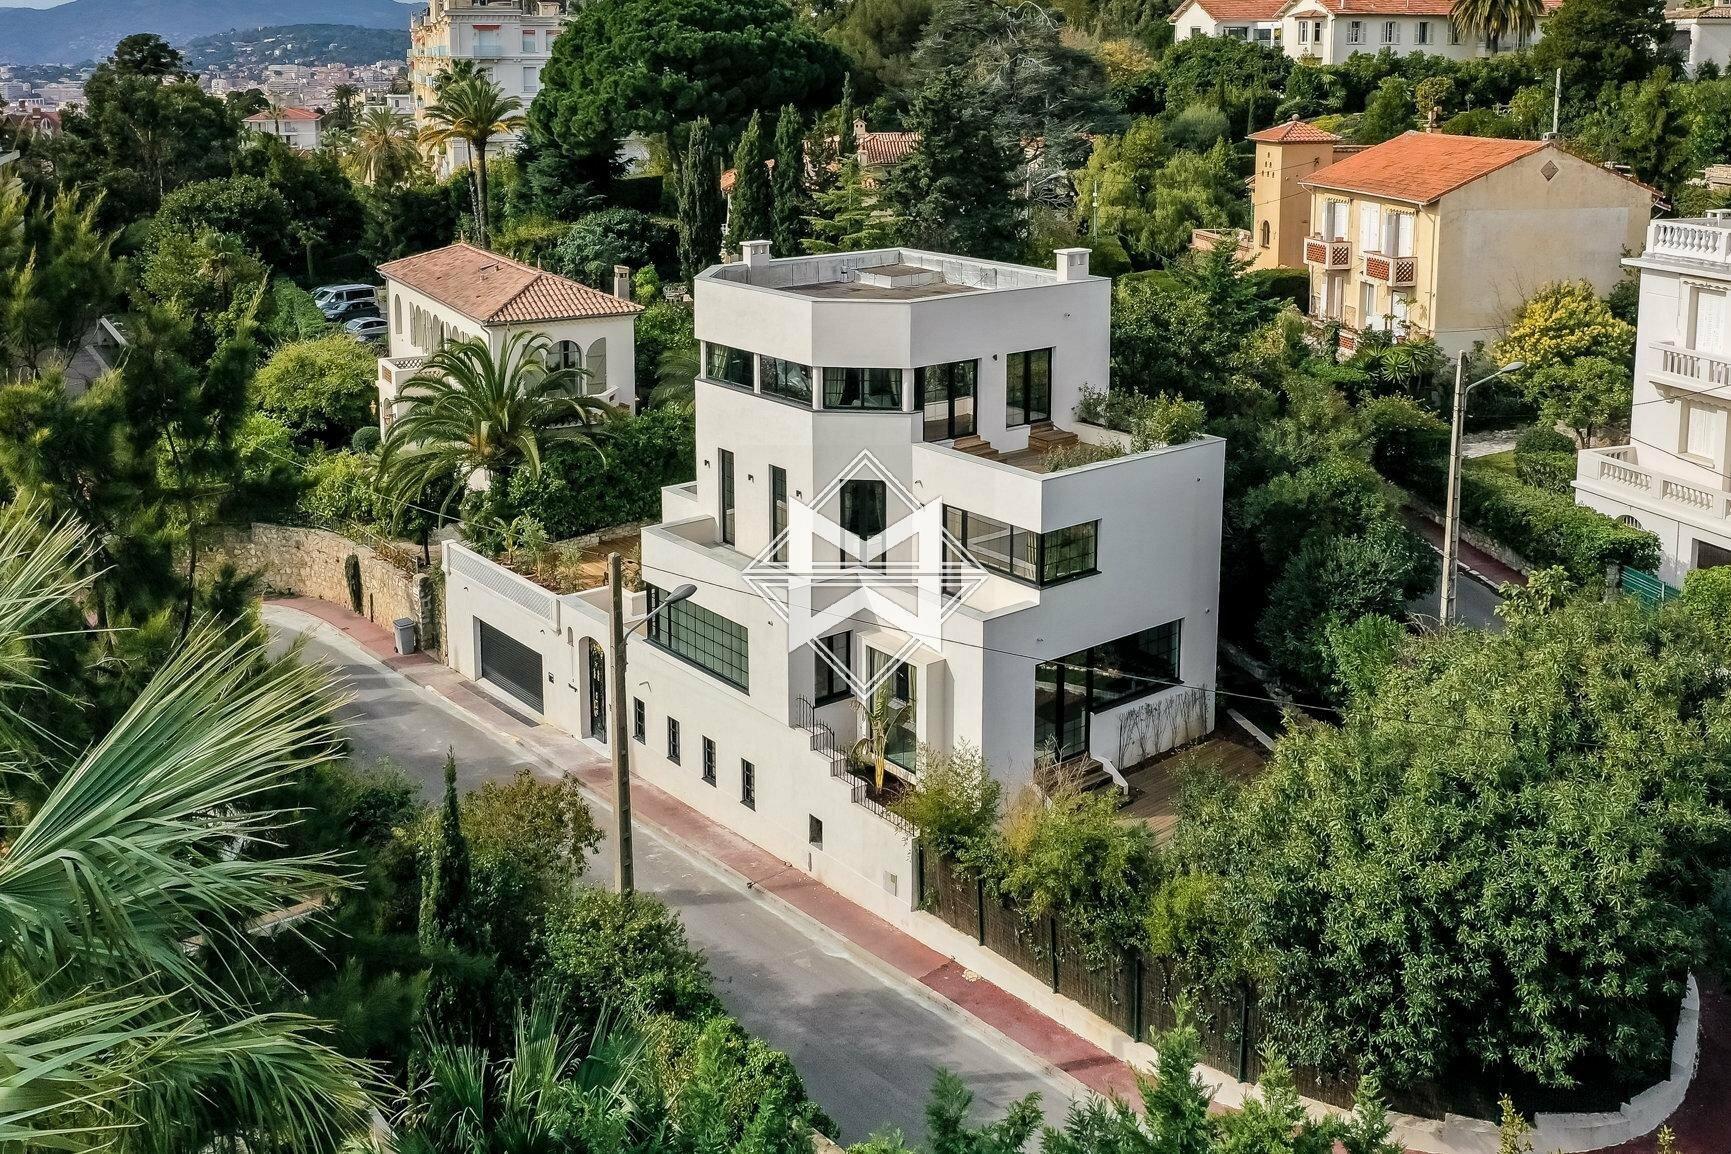 Villa in Cannes, Provence-Alpes-Côte d'Azur, France 1 - 11202882